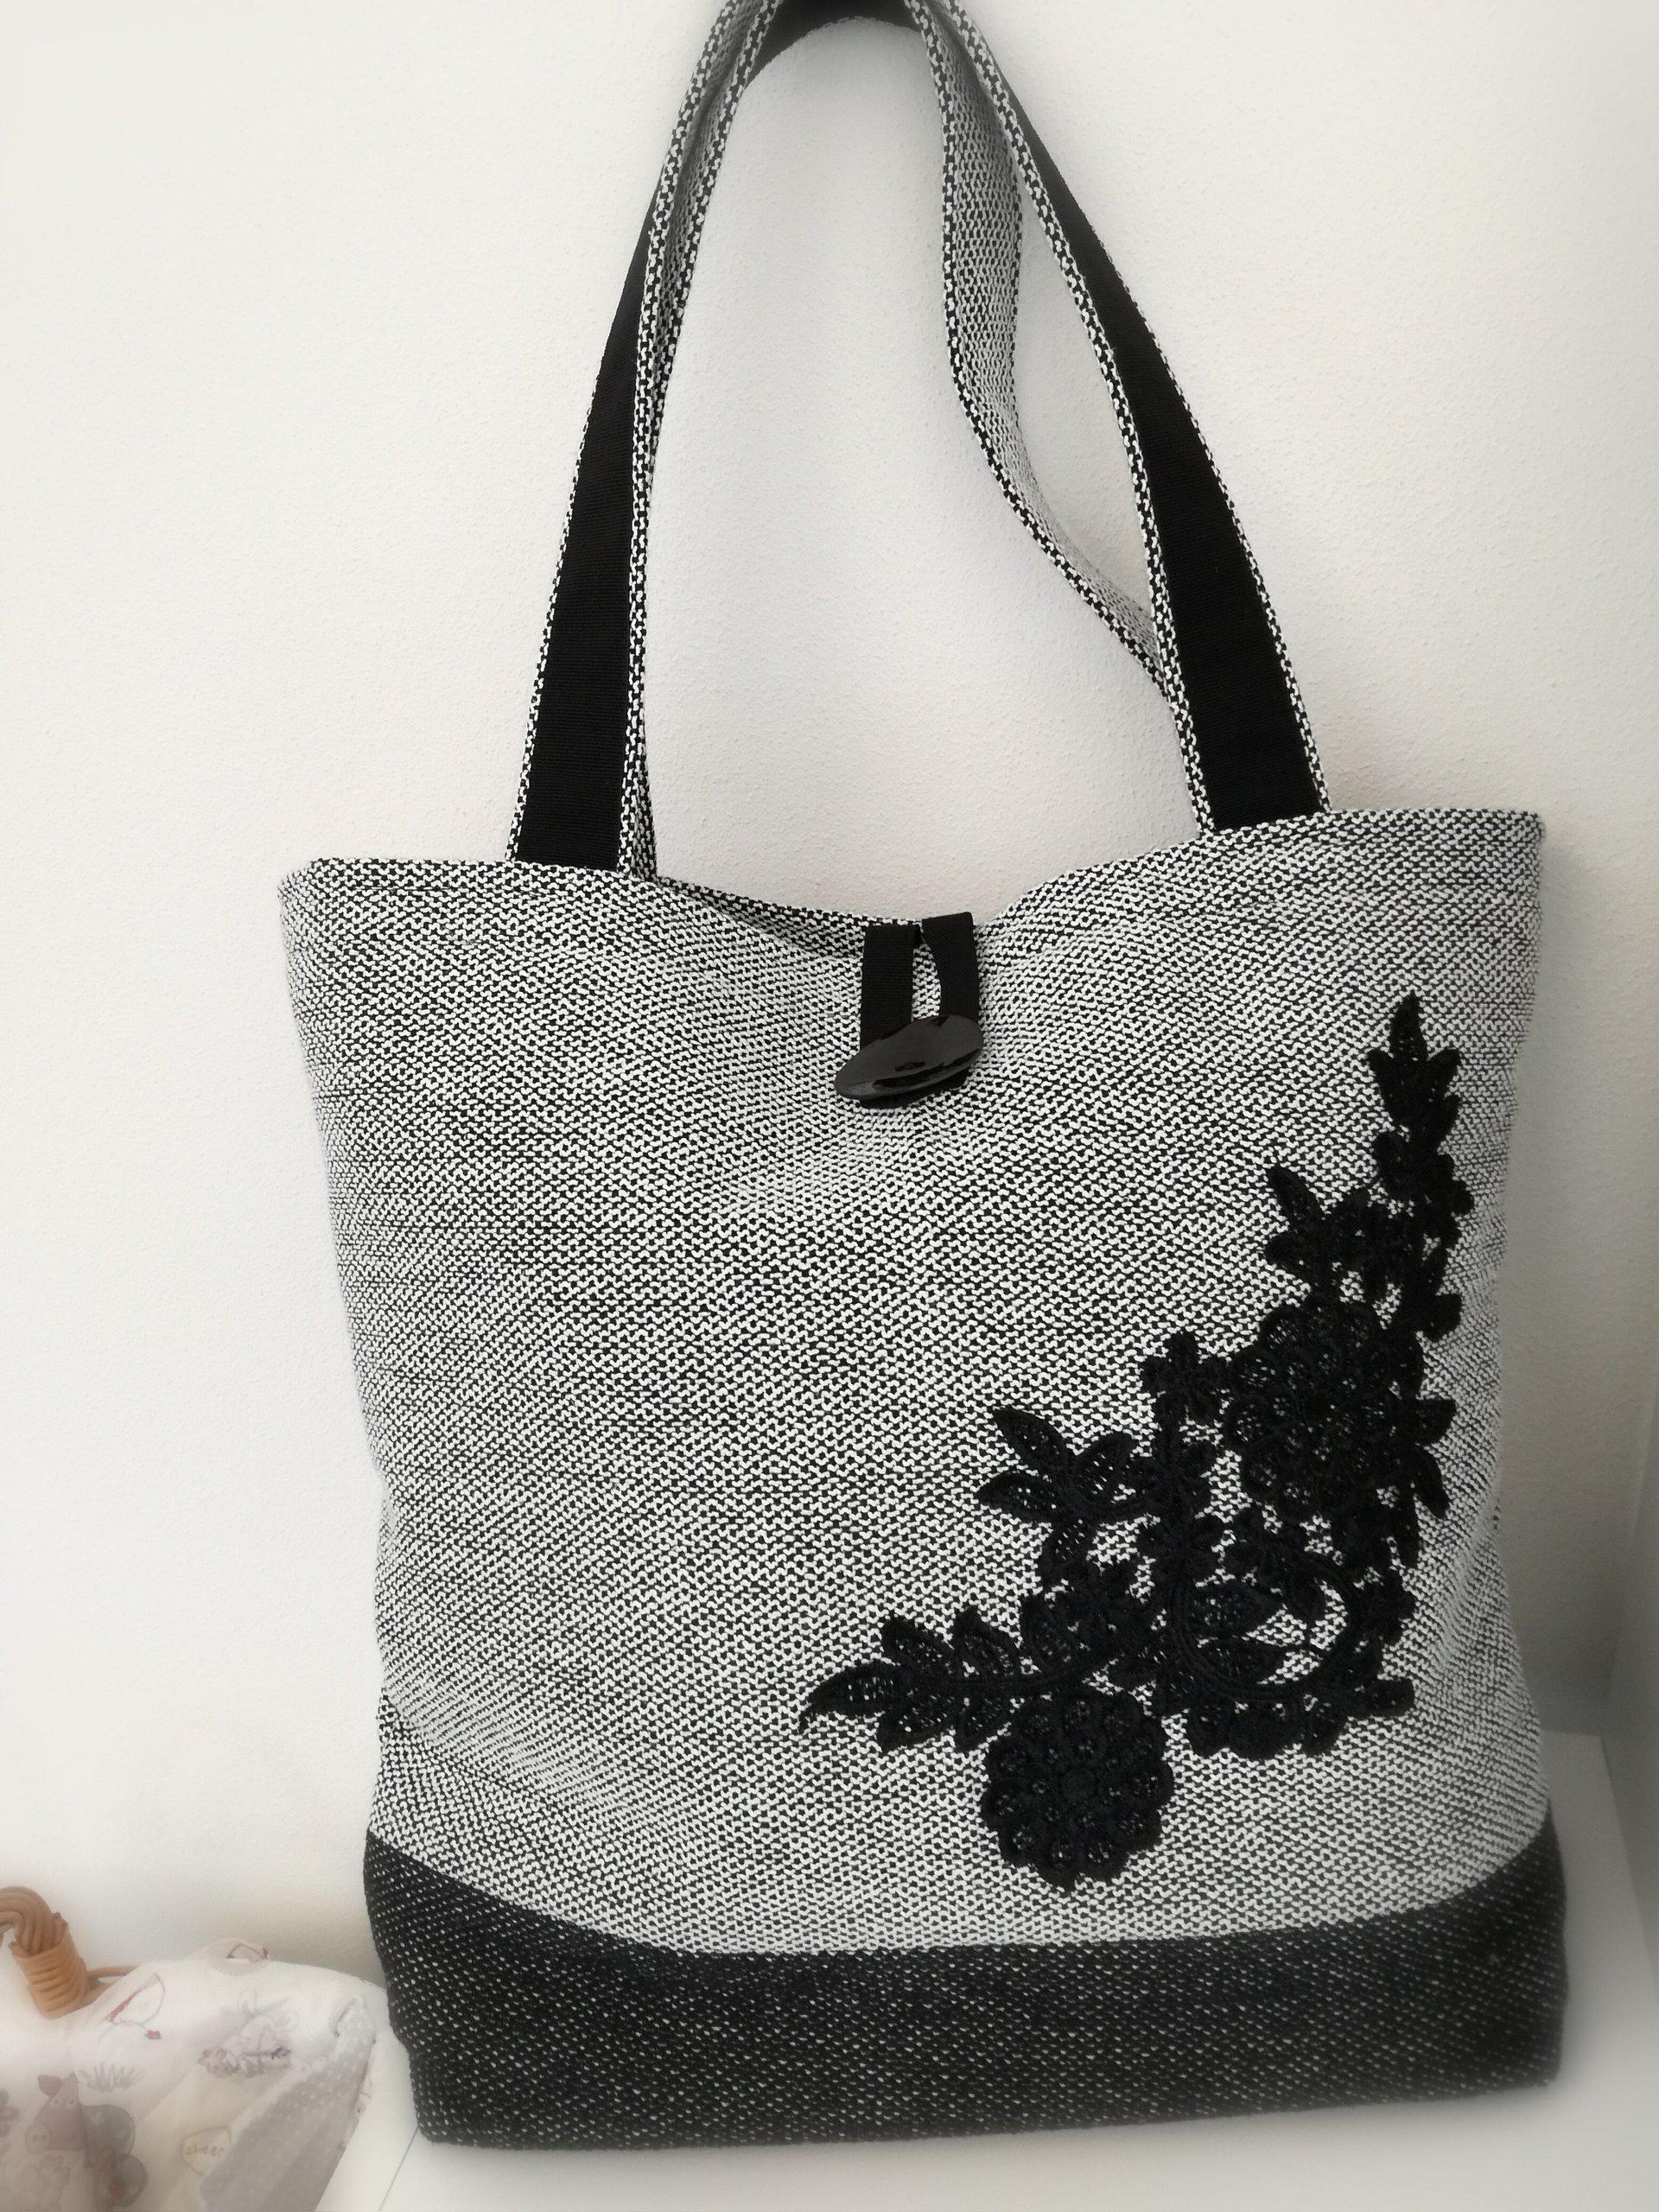 borsa griga con fondo nero e fiori ricamati in nero